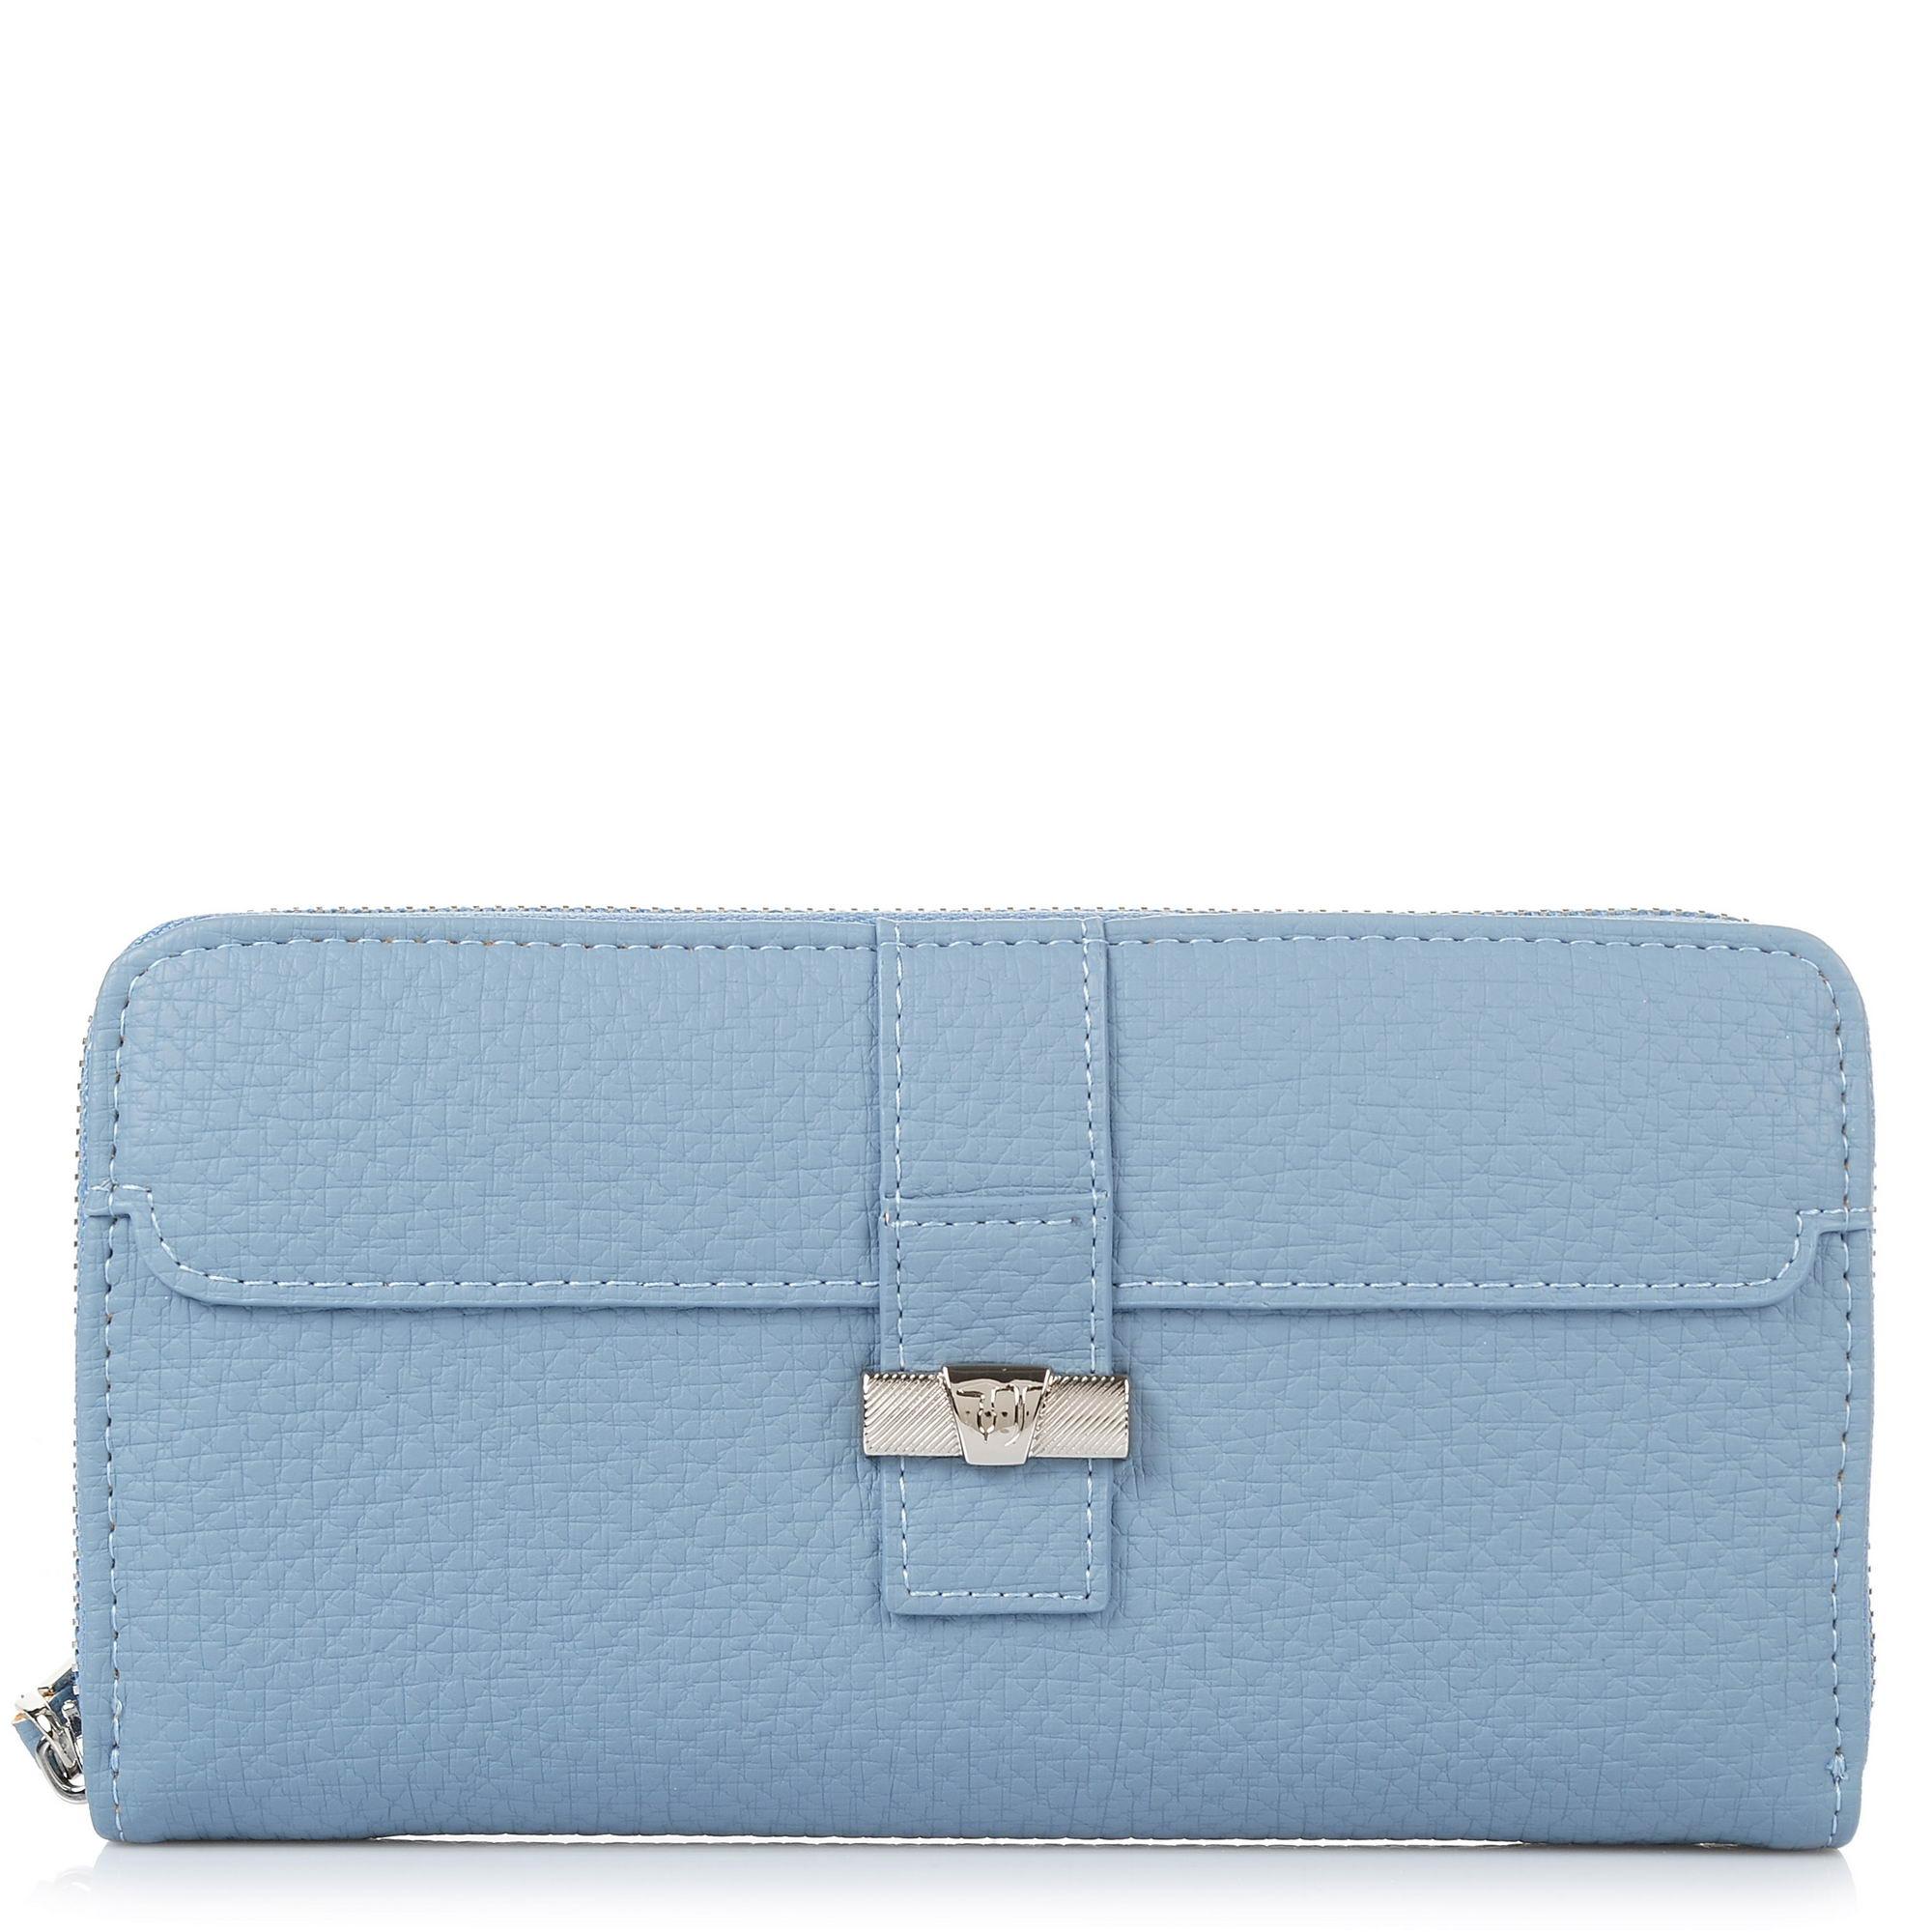 Πορτοφόλι Κασετίνα Trussardi Jeans Suzanne Ecoleather Smooth Wallet Zip Around